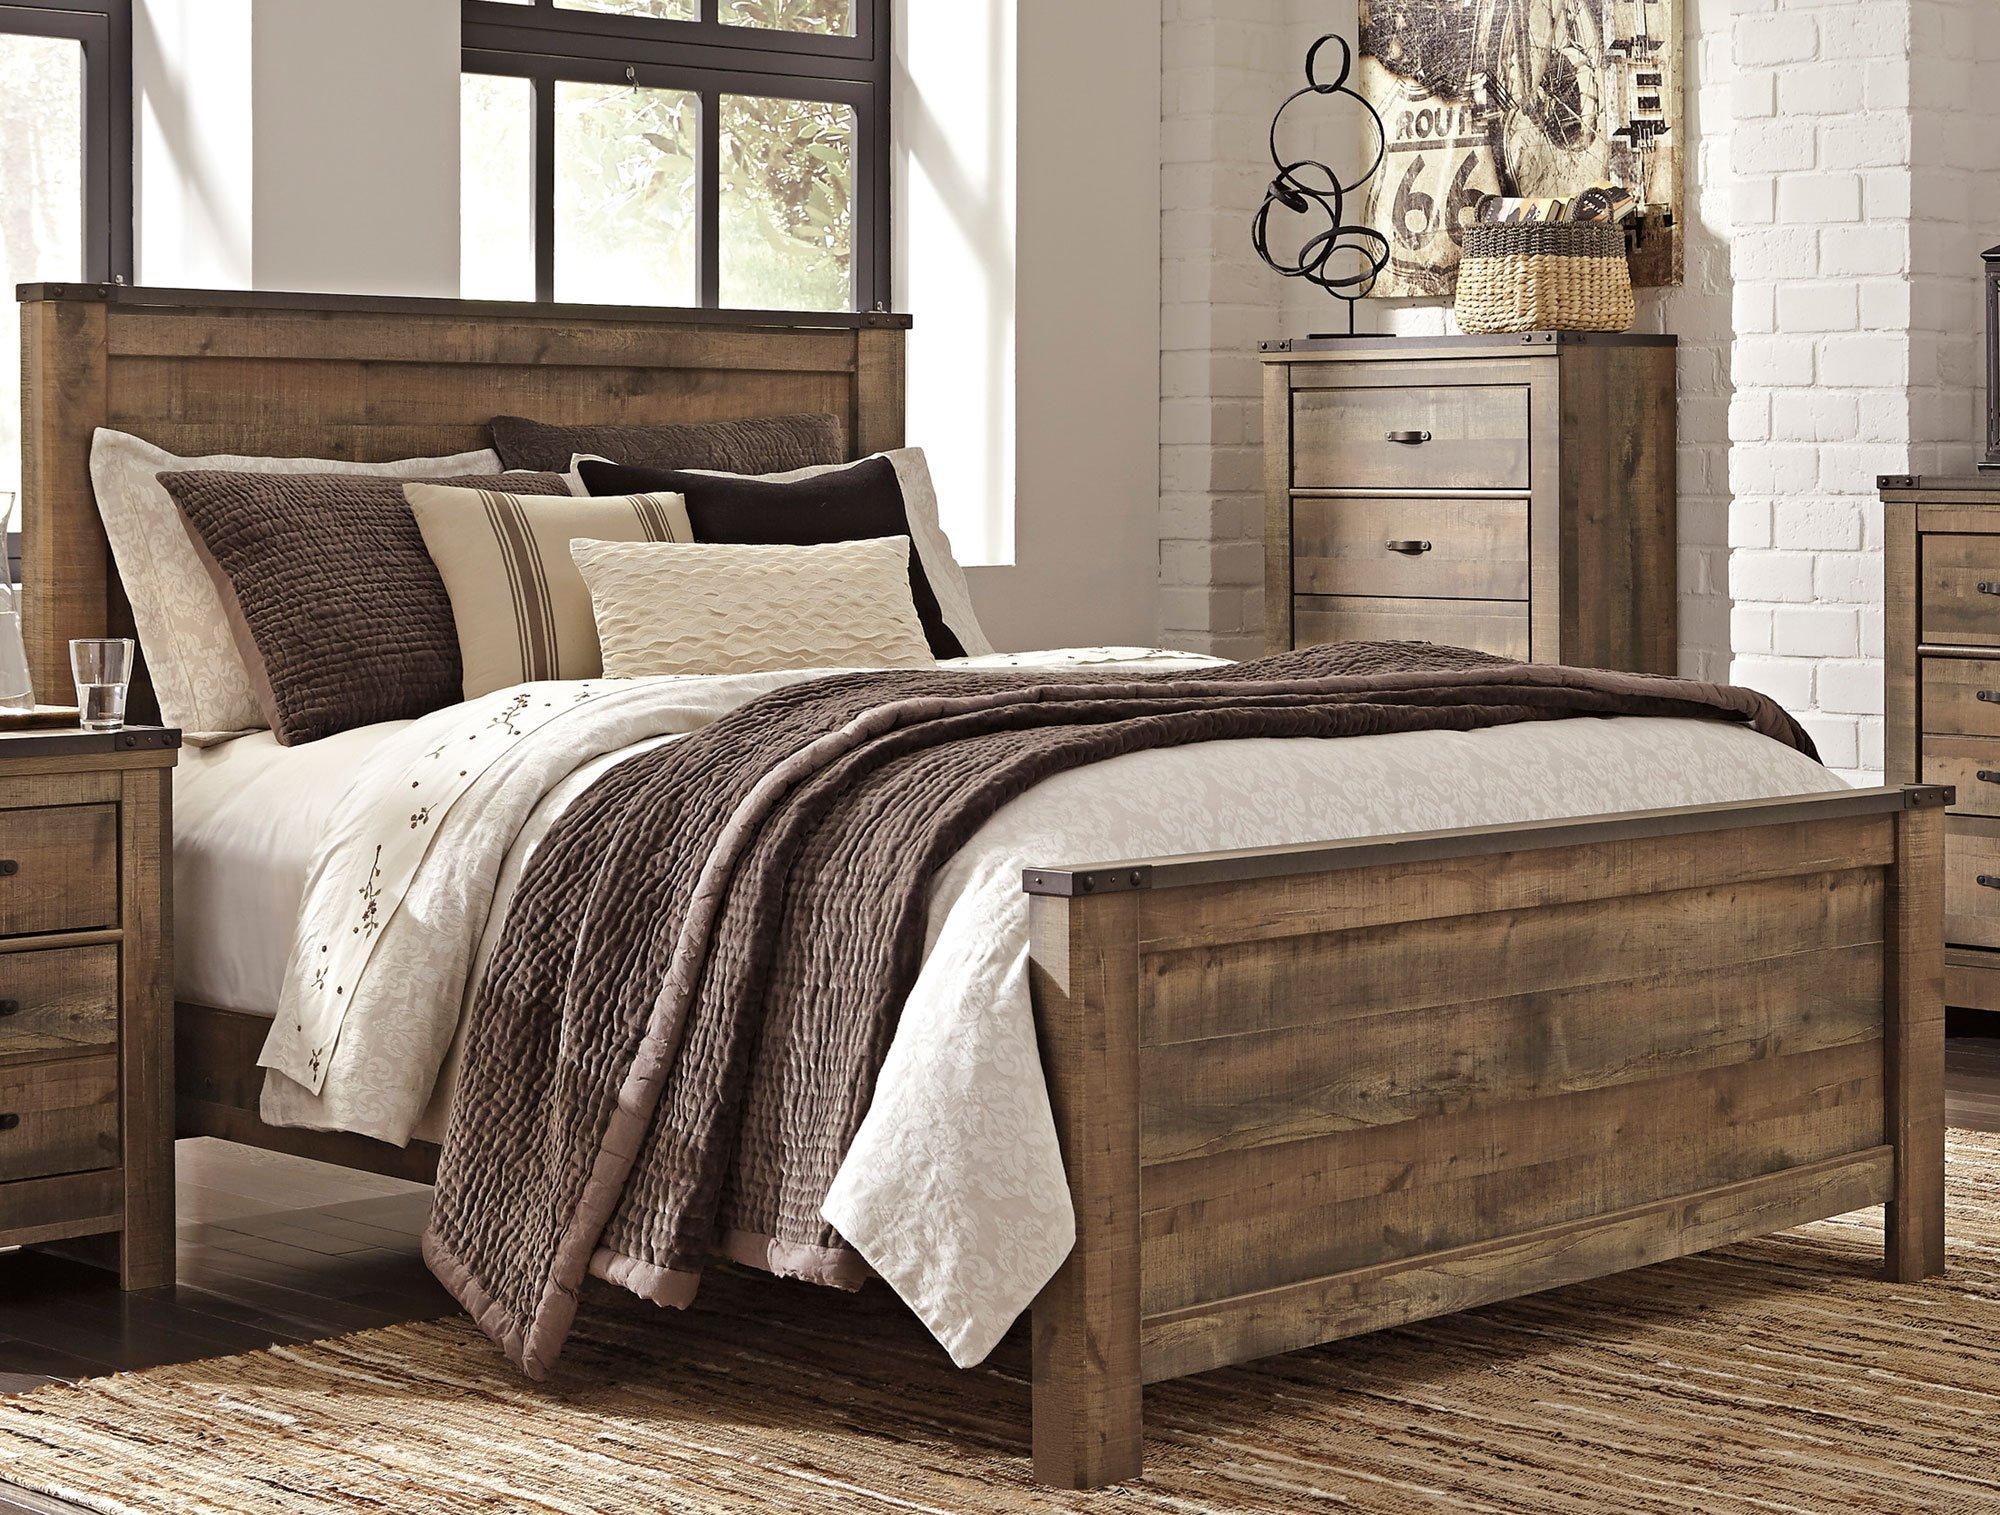 Rustic Casual Contemporary 6 Piece King Bedroom Set